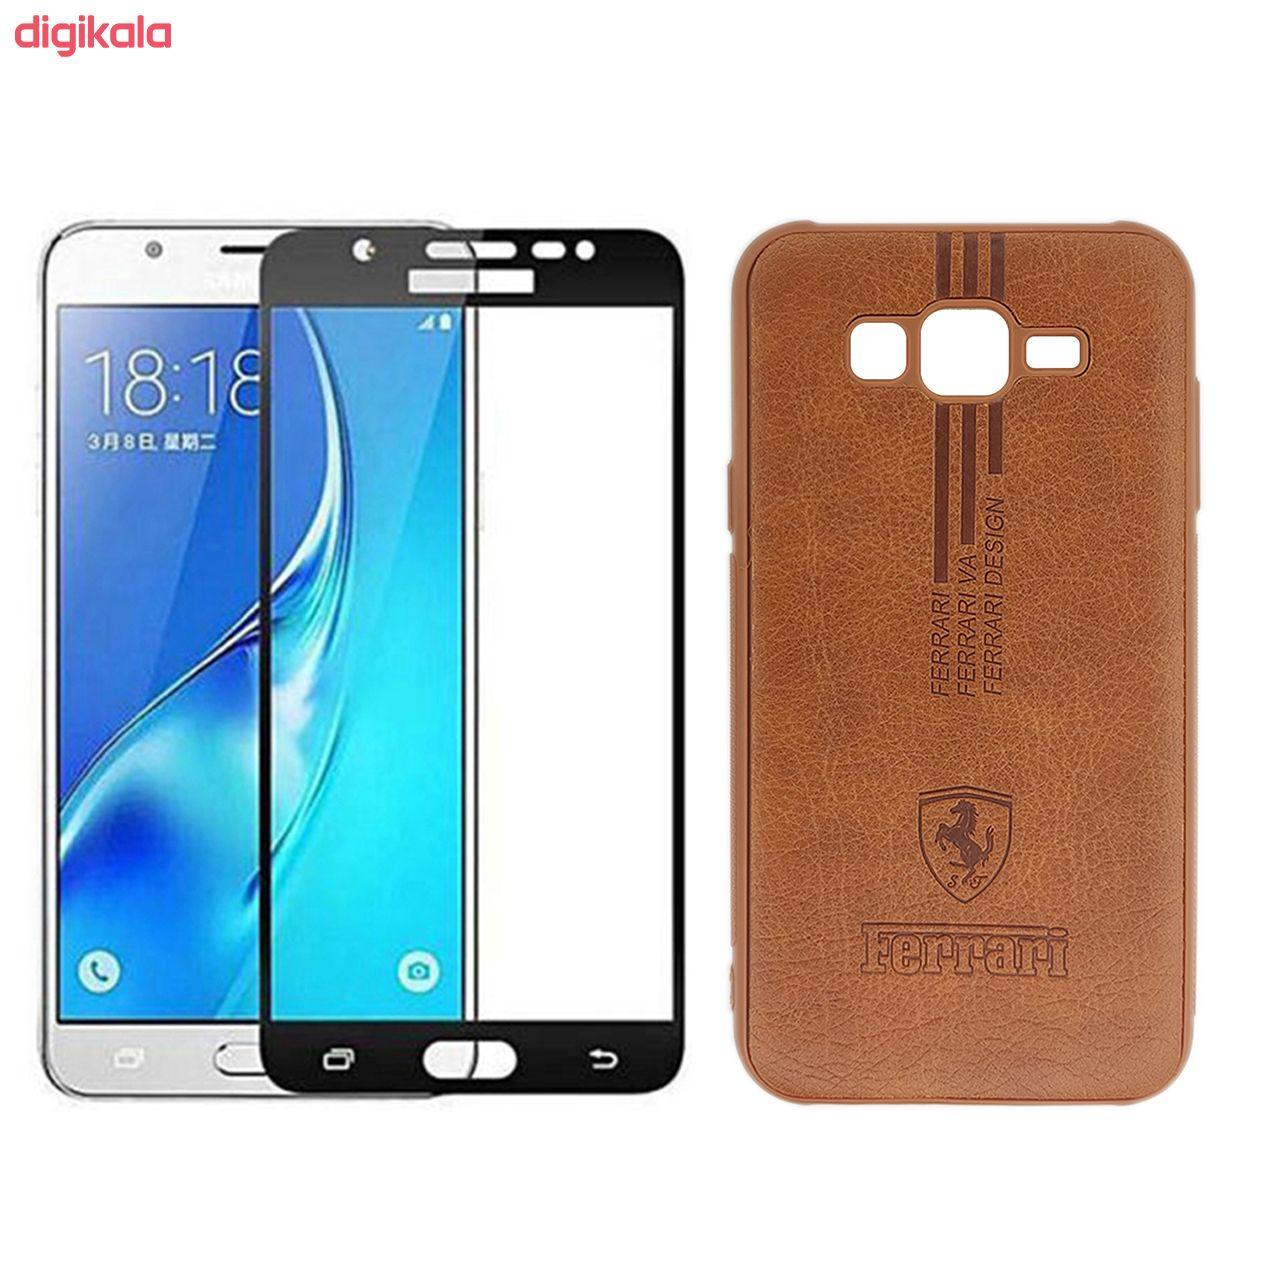 کاور نیکلا مدل N9_FRE مناسب برای گوشی موبایل سامسونگ Galaxy J7 2015 به همراه محافظ صفحه نمایش